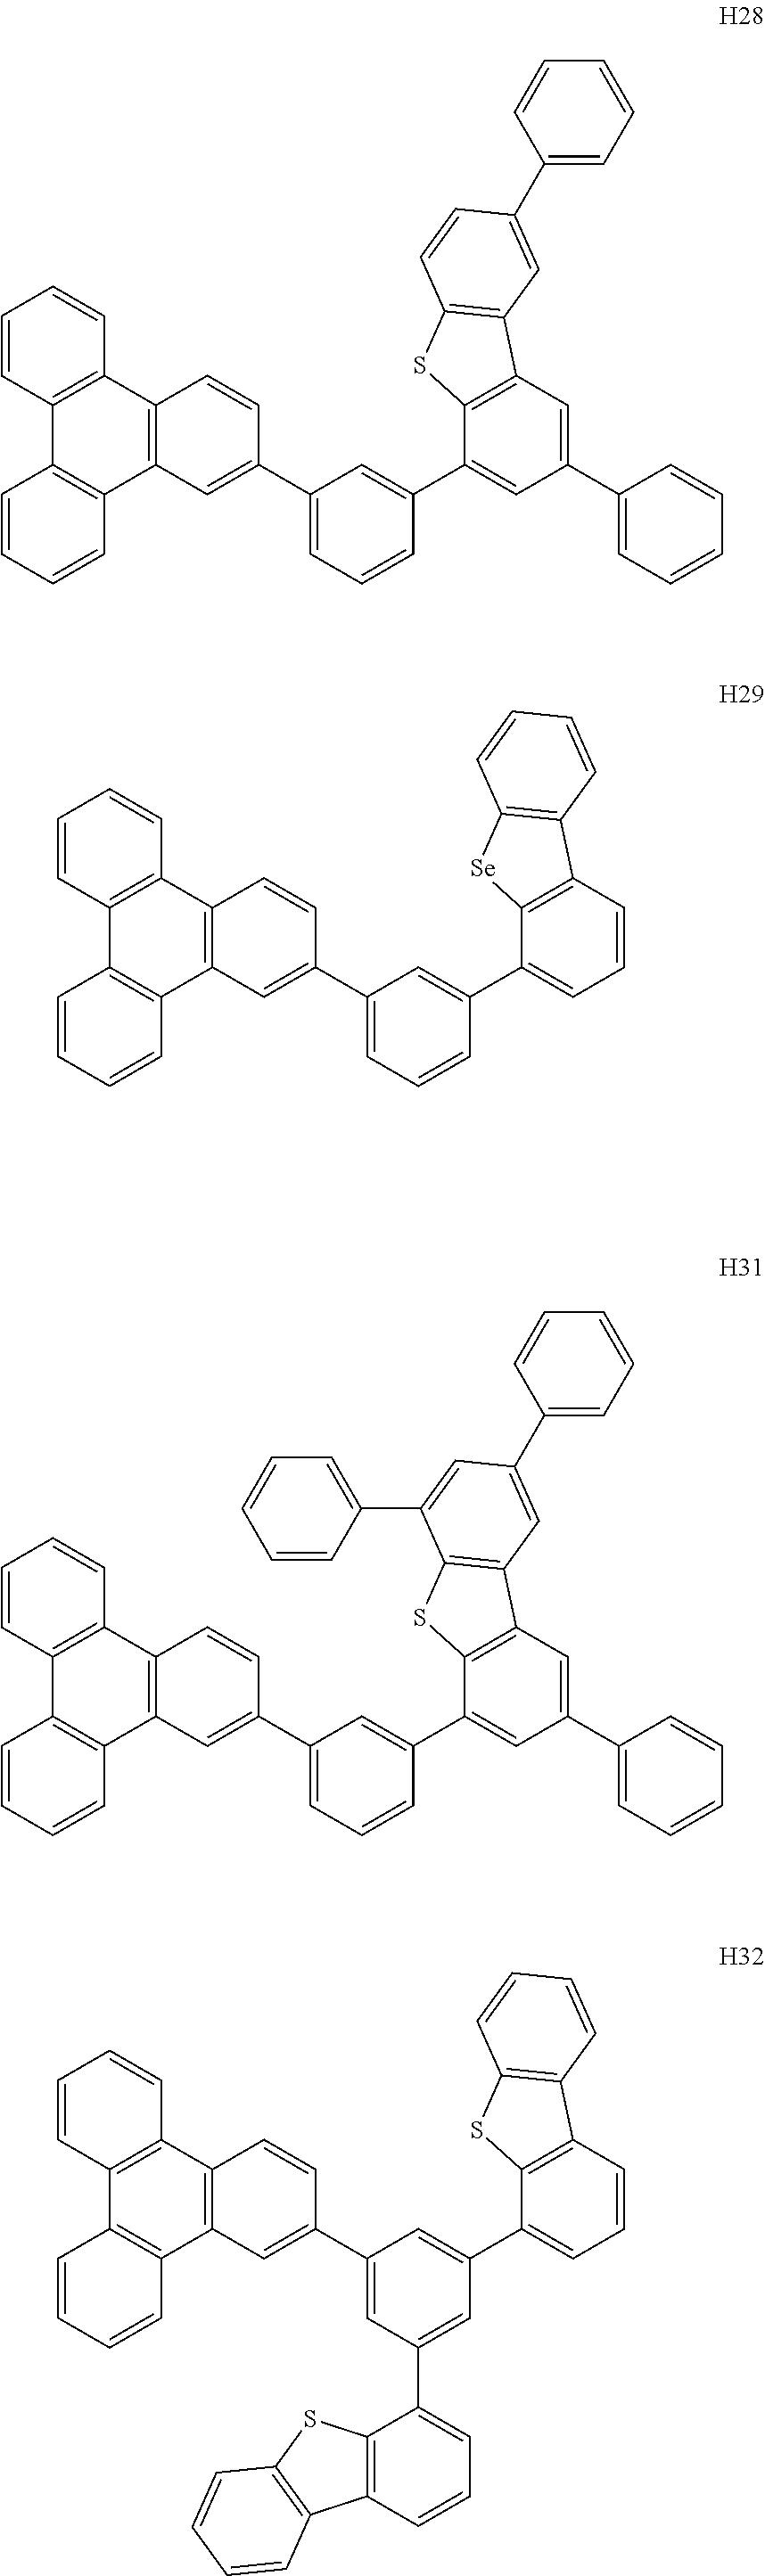 Figure US09040962-20150526-C00046